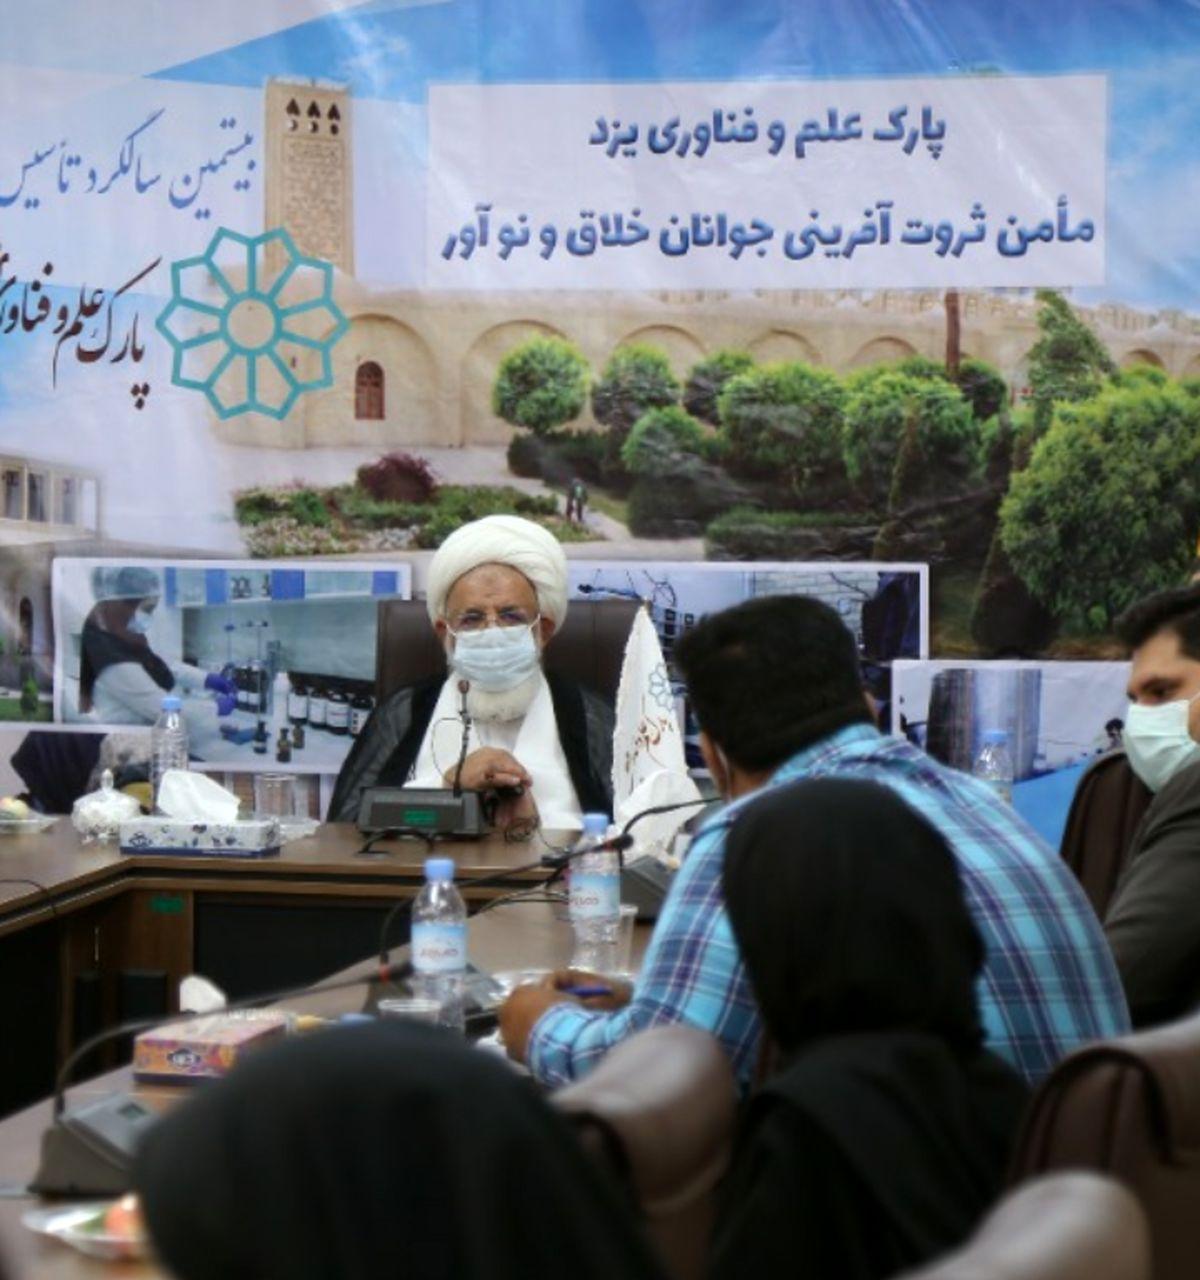 خودباوری باید در جوانان ایرانی تقویت شود